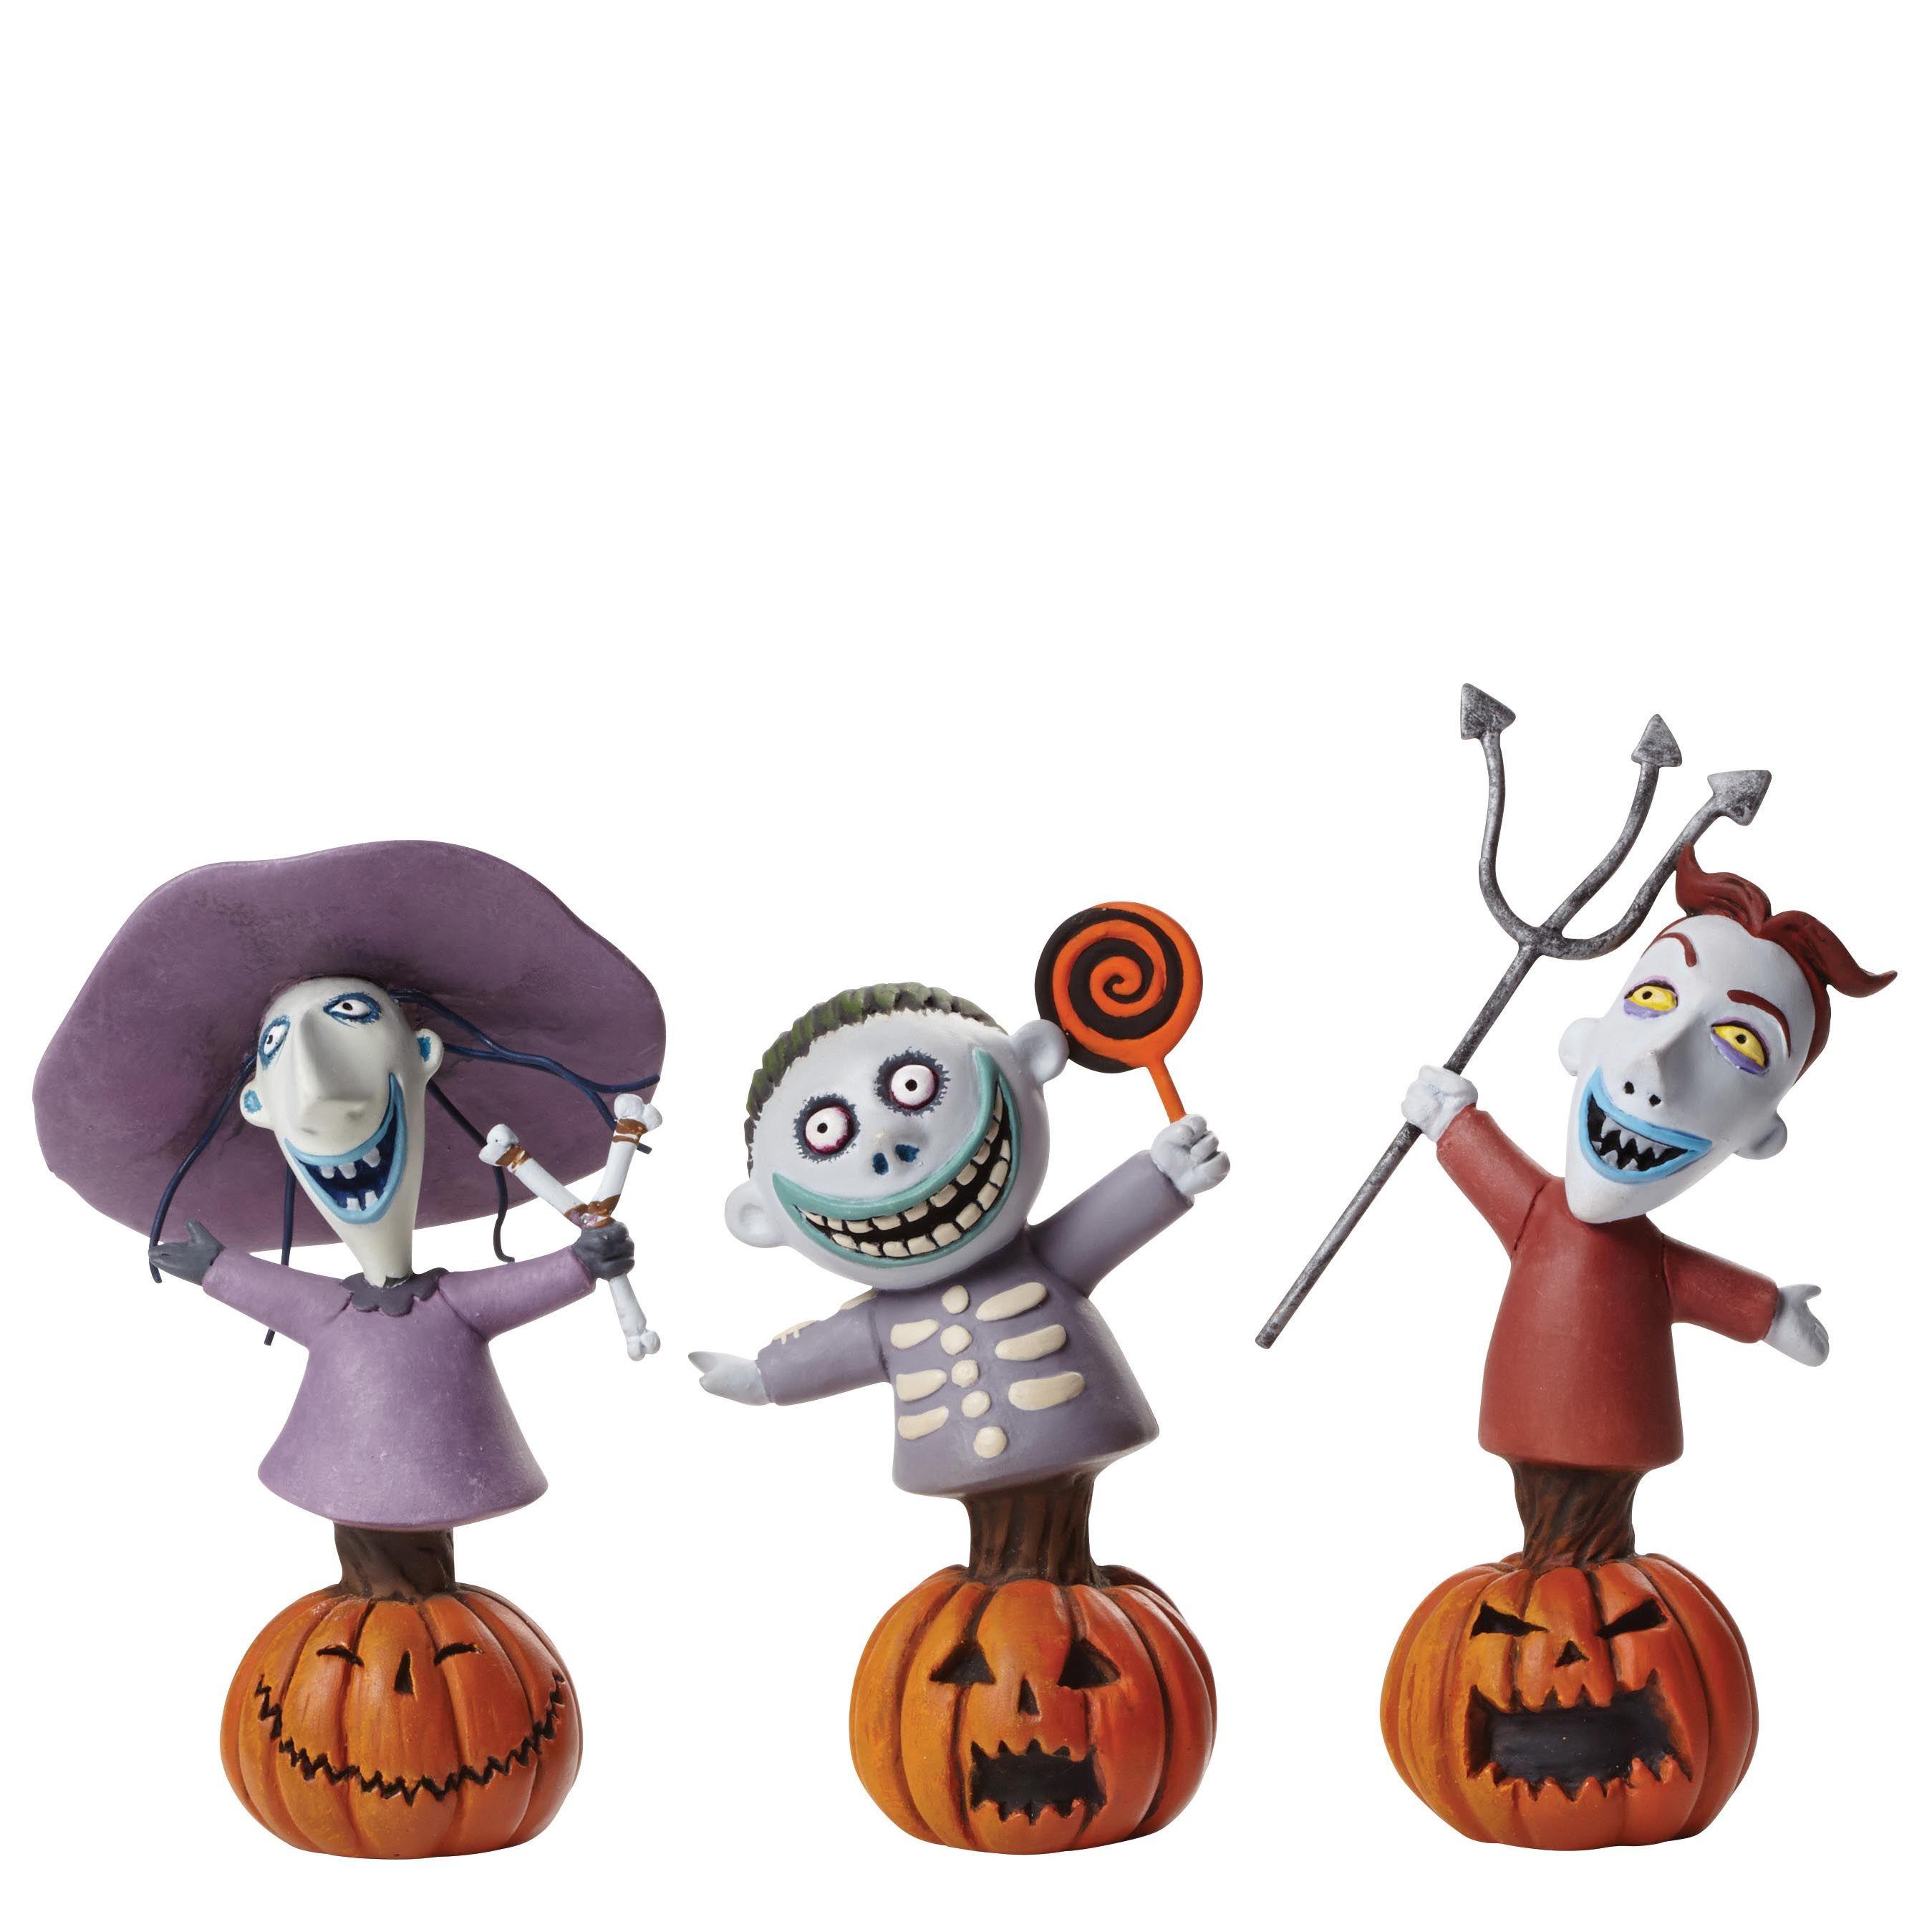 4046188 Lock, Shock & Barrel- he mischief making trio of trick-or ...